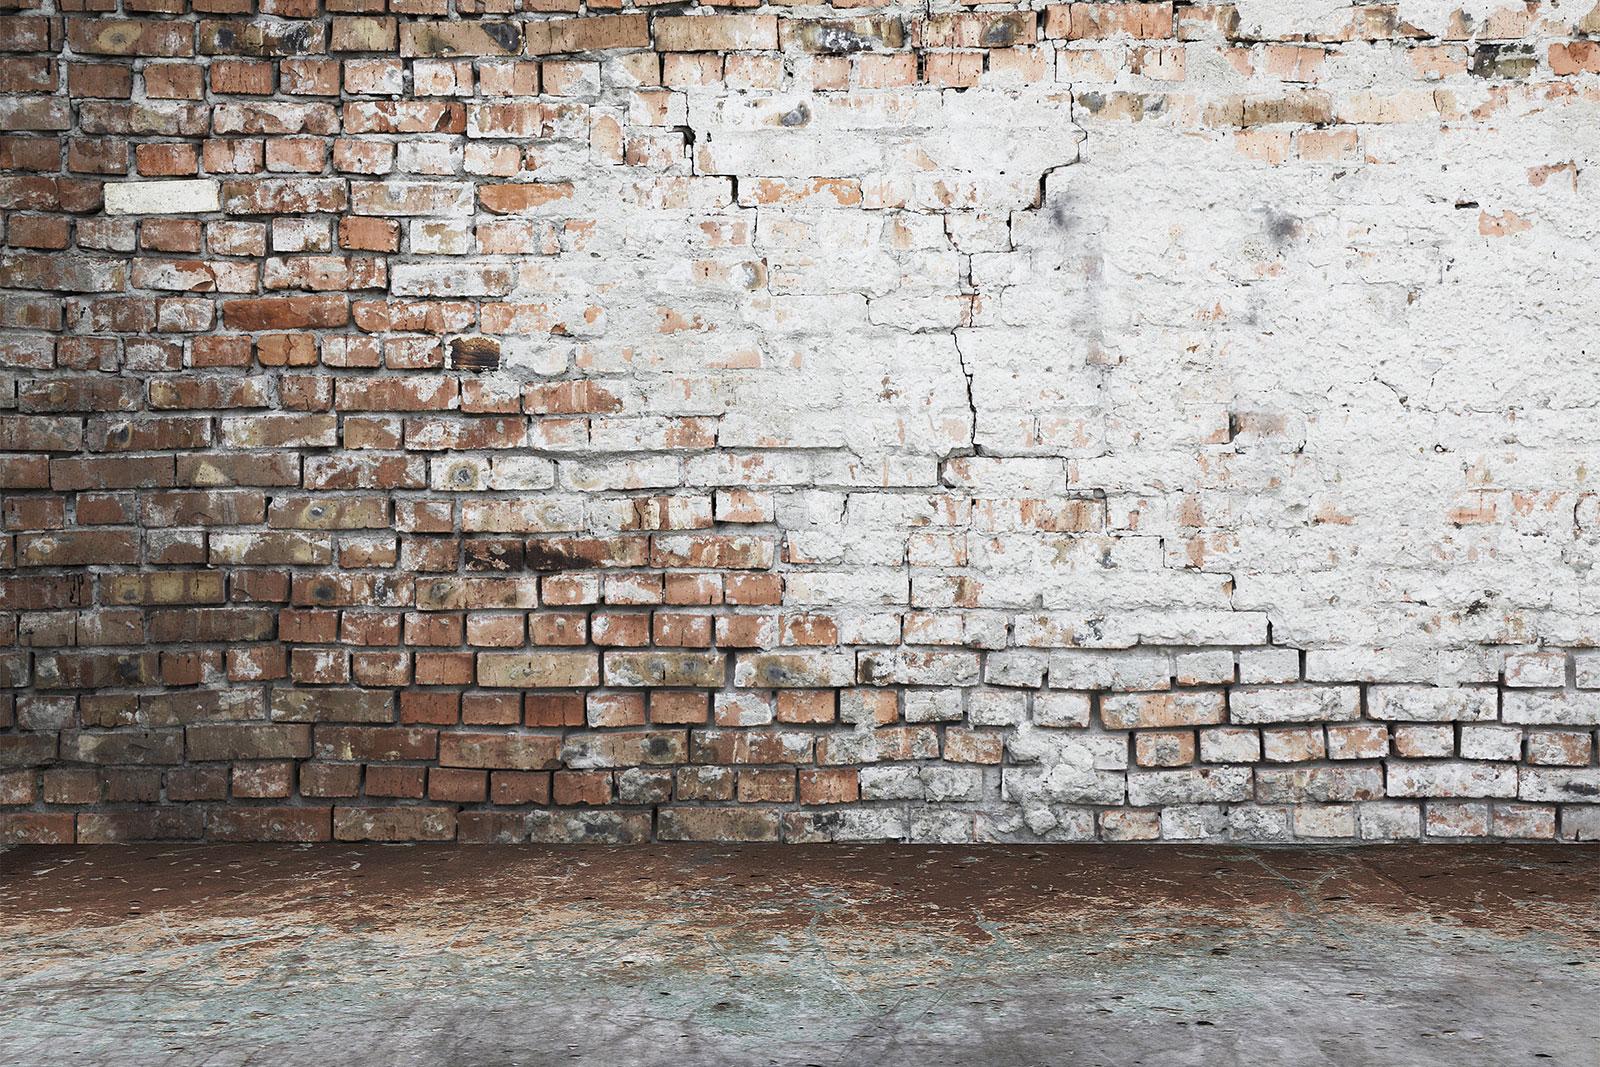 外壁のひび割れの施工方法